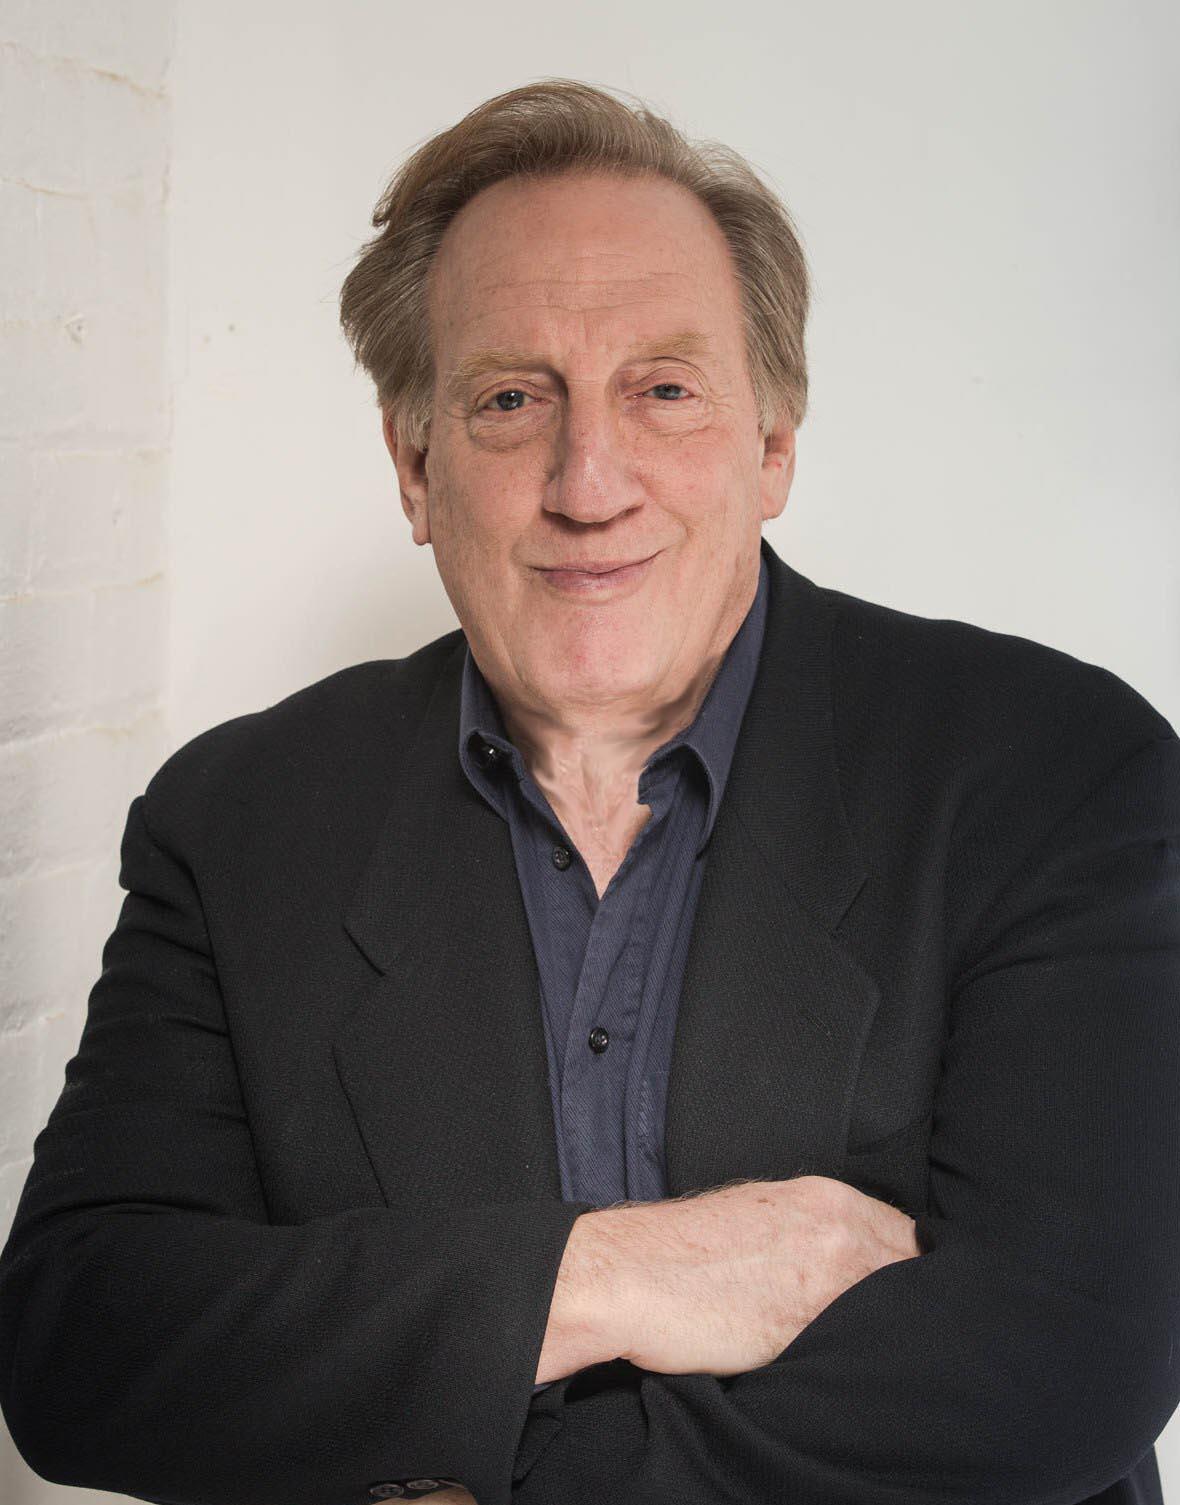 Alan-Zweibel-speaker